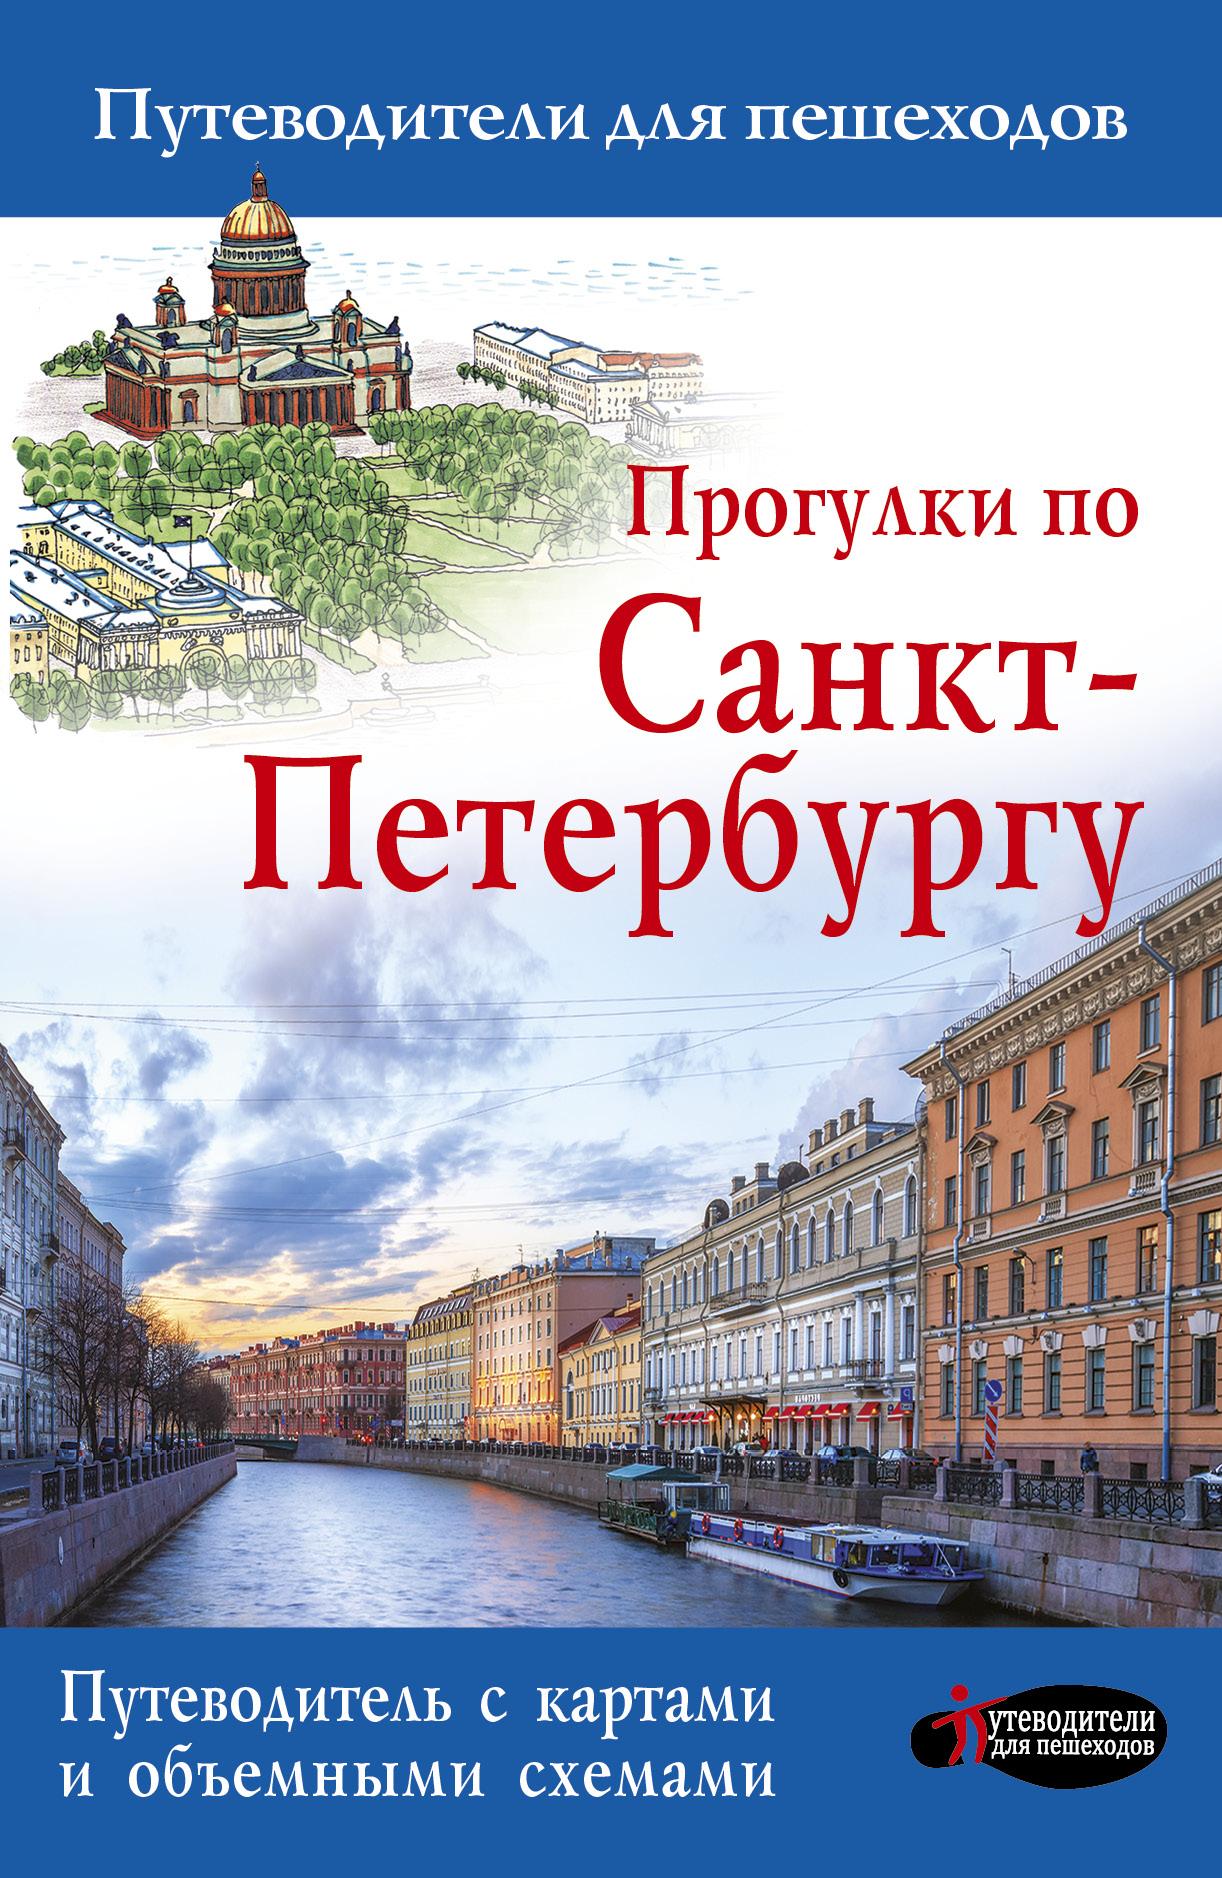 С. Бабушкин Прогулки по Санкт-Петербургу бабушкин сергей м прогулки по санкт петербургу